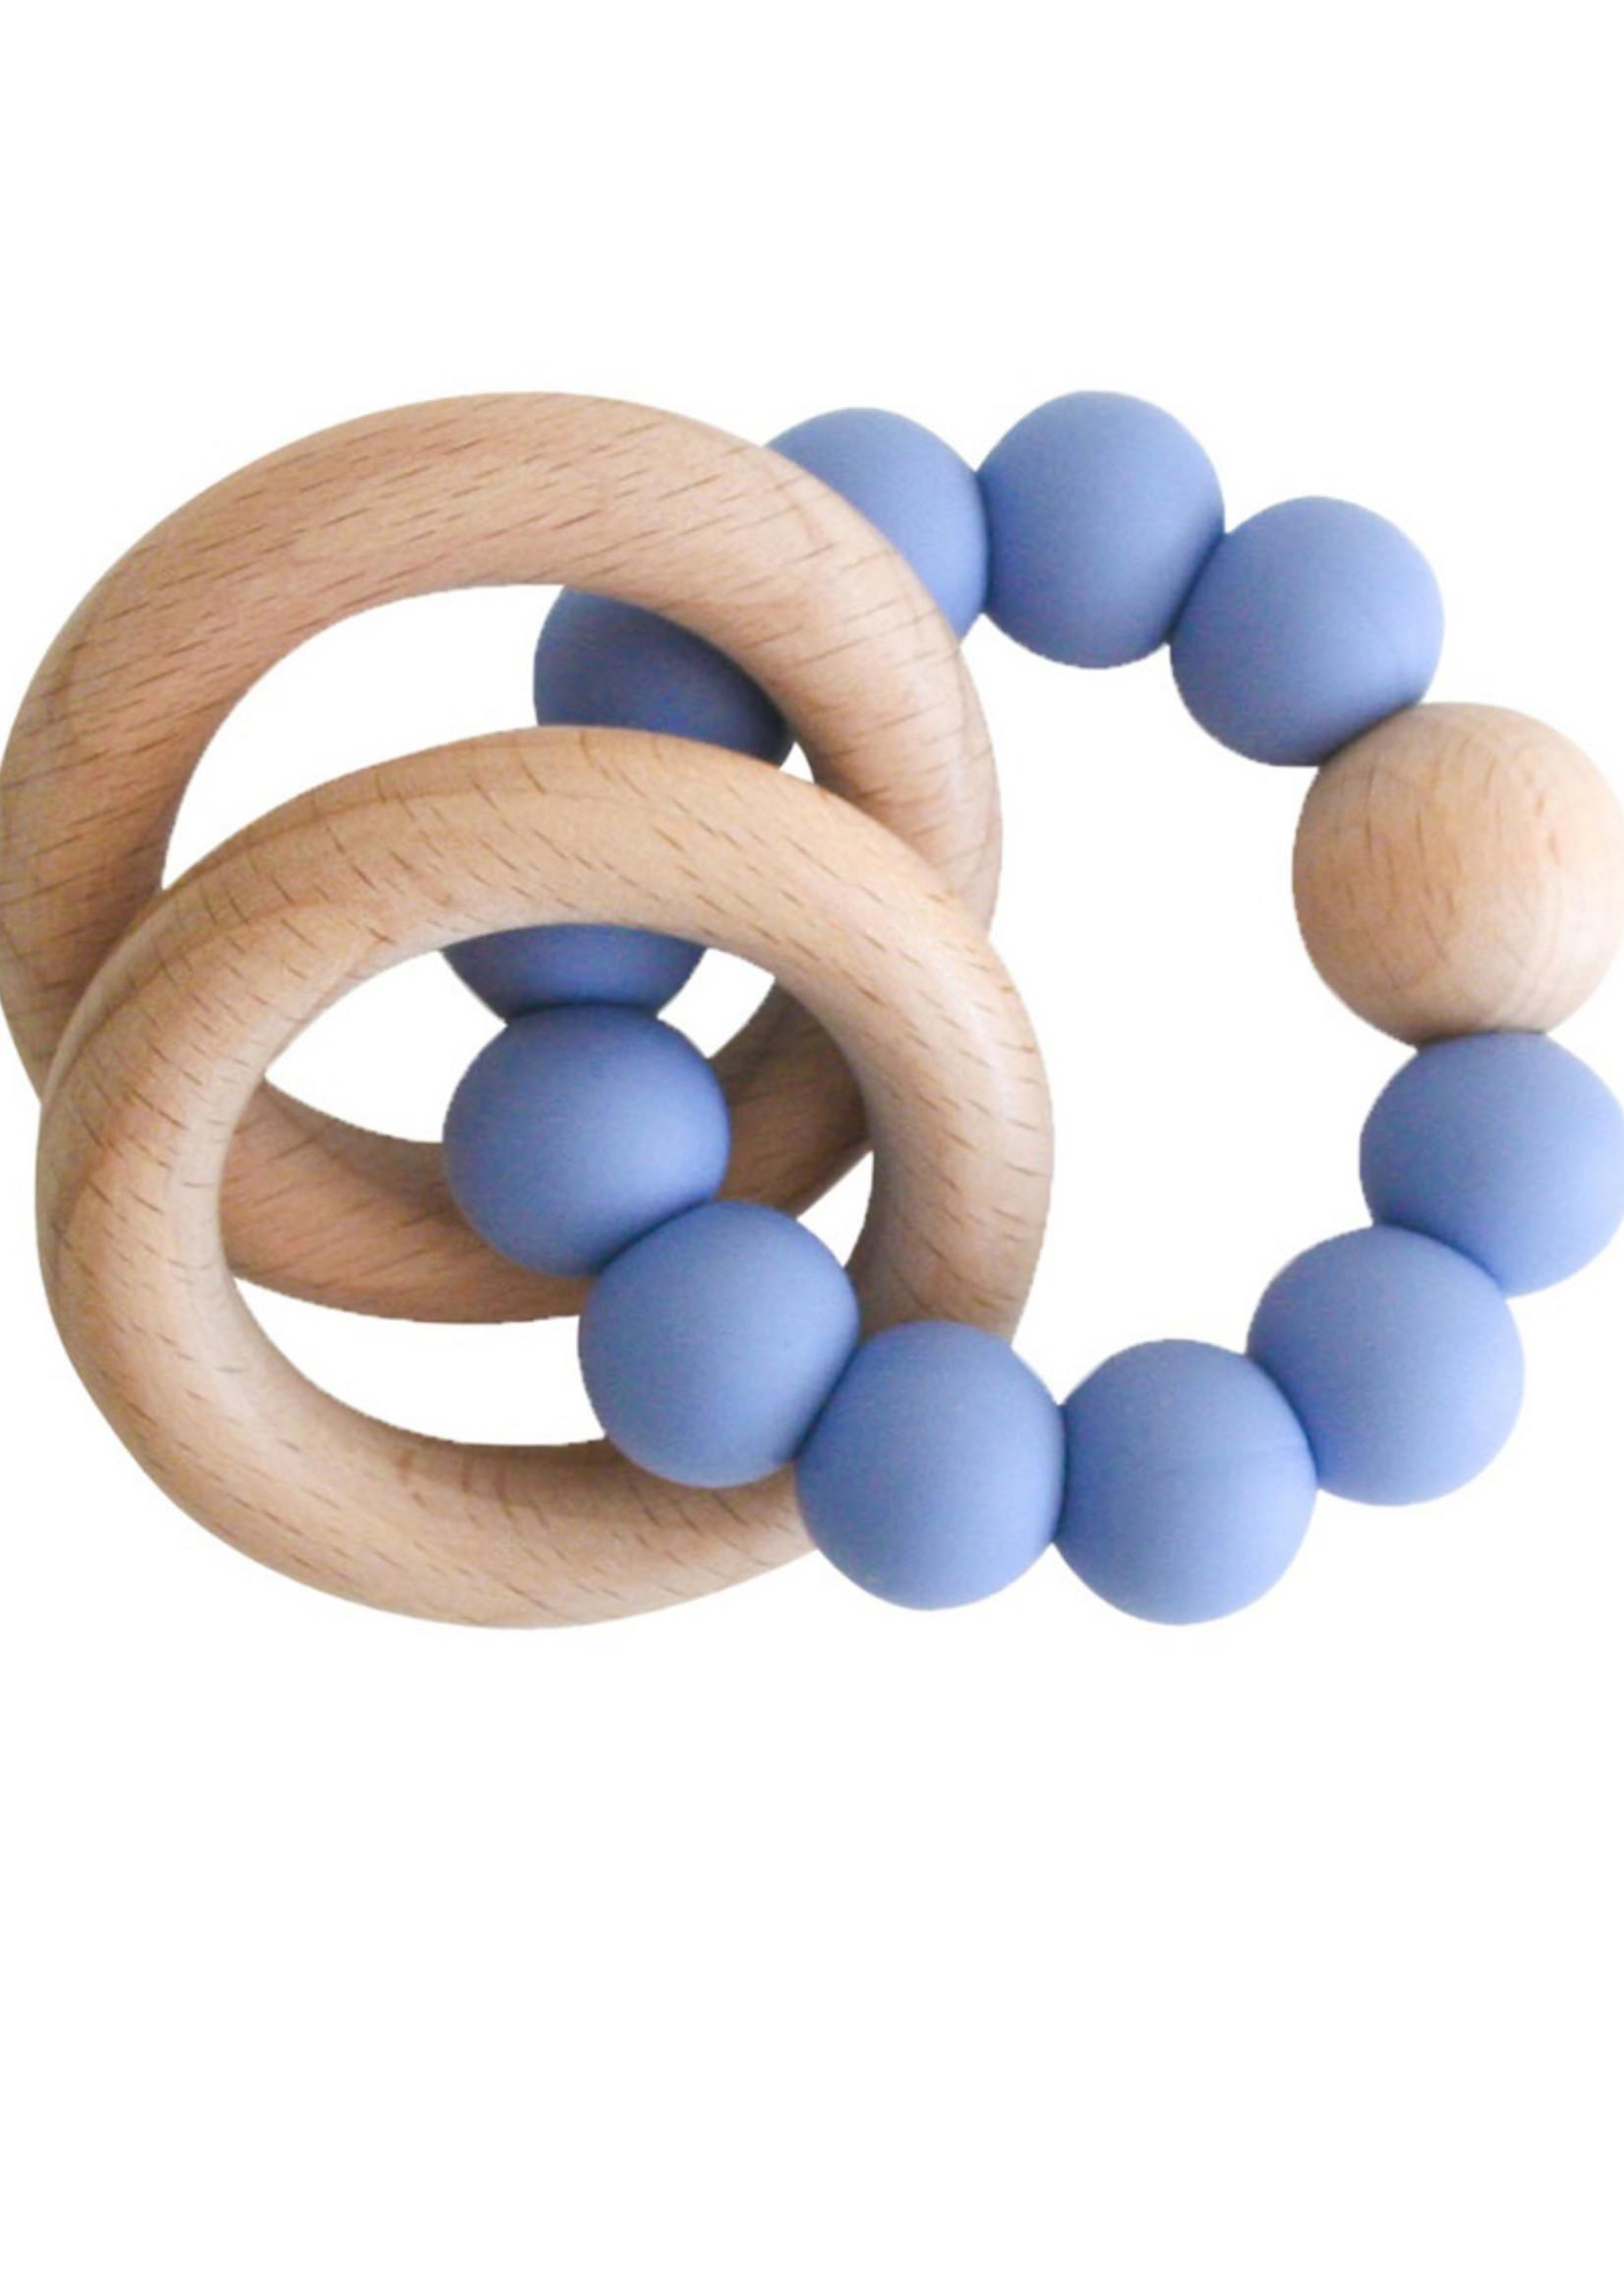 BLUE BEECHWOOD TEETHER RINGS